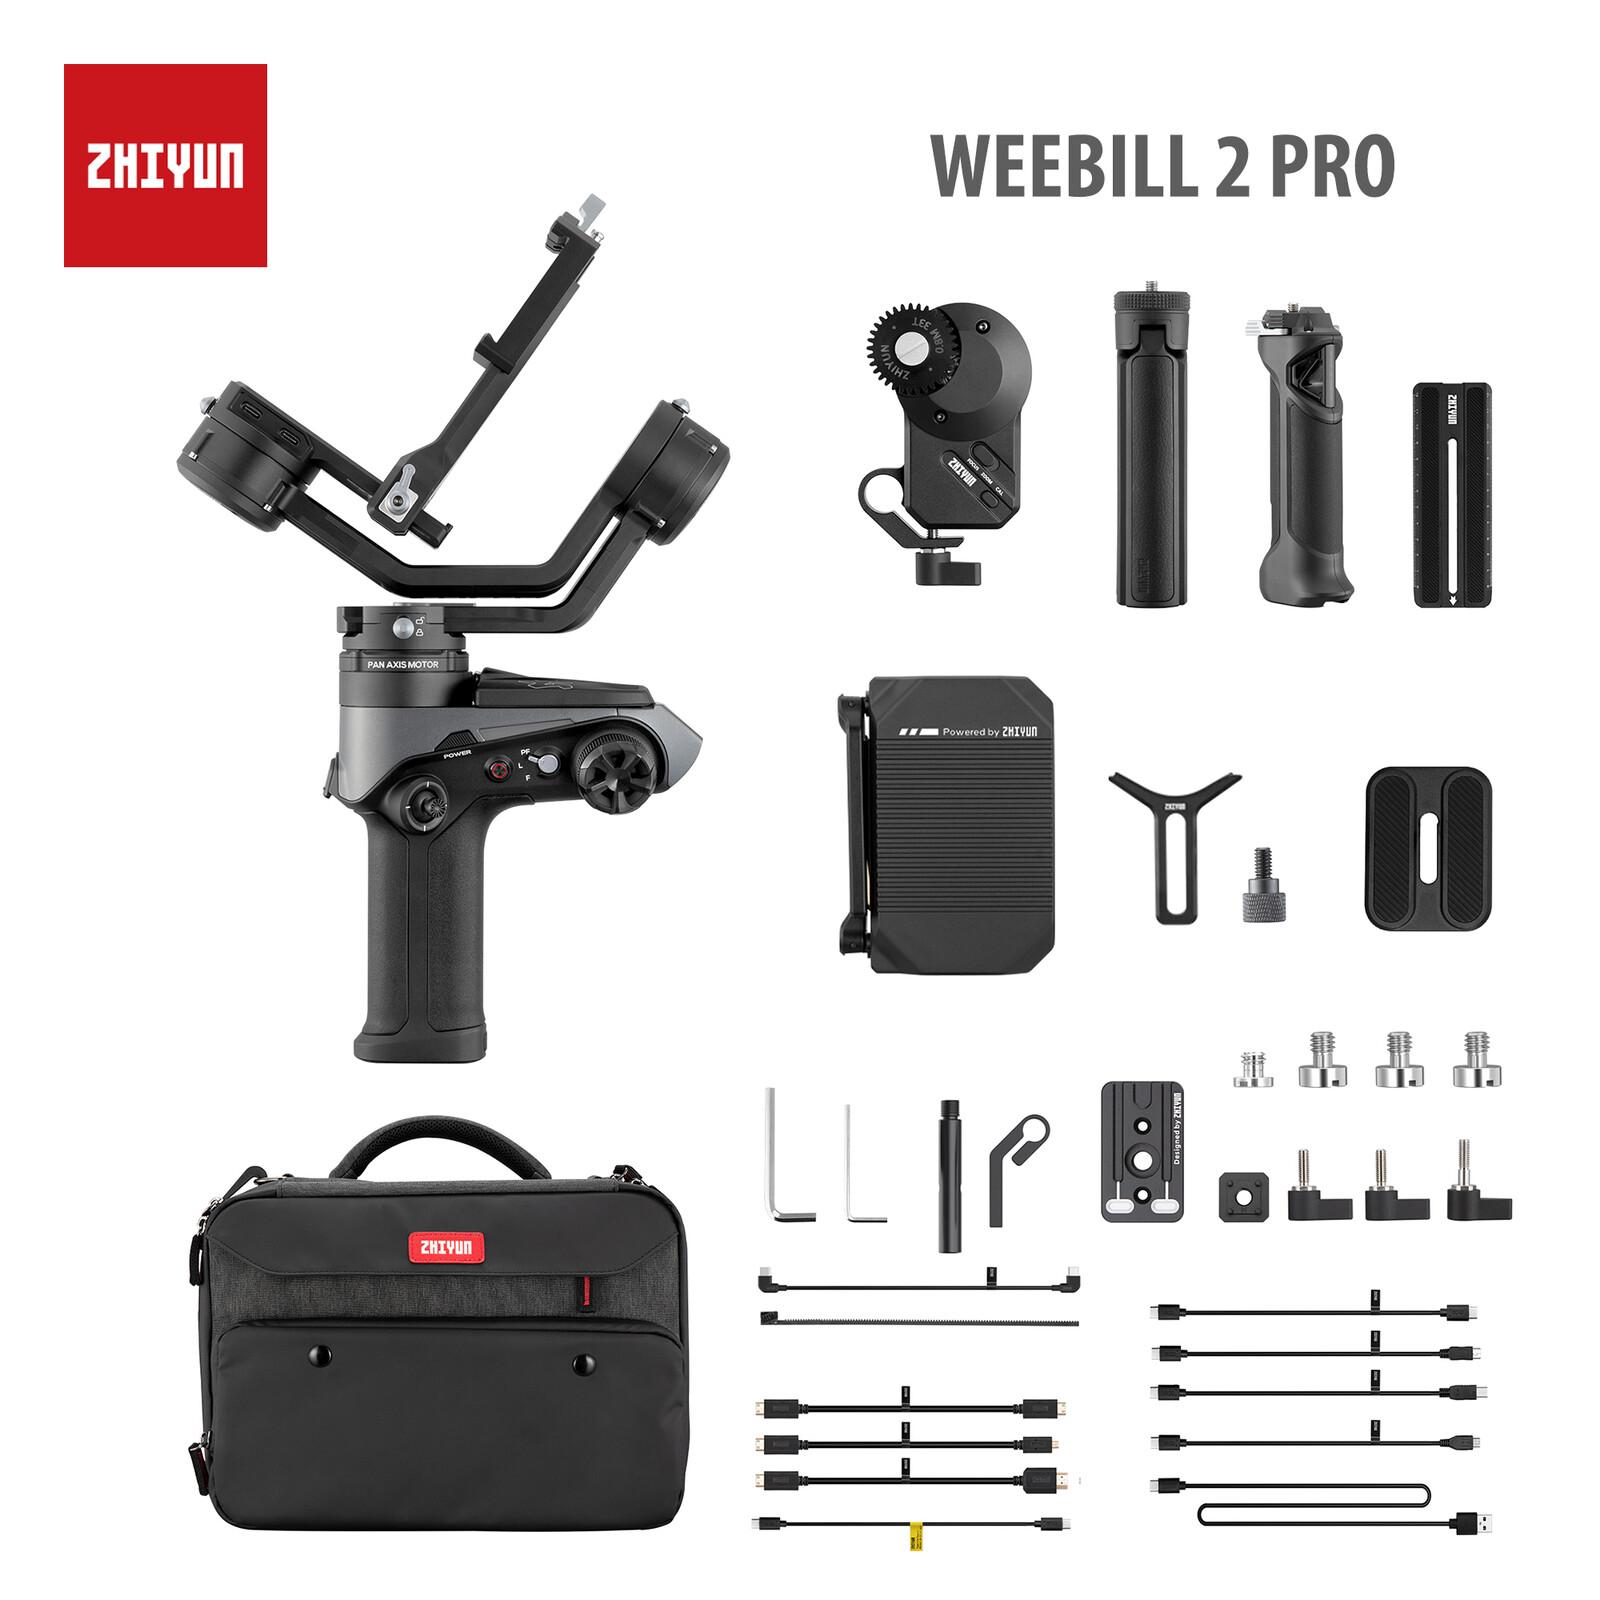 Zhiyun Weebill 2 Pro